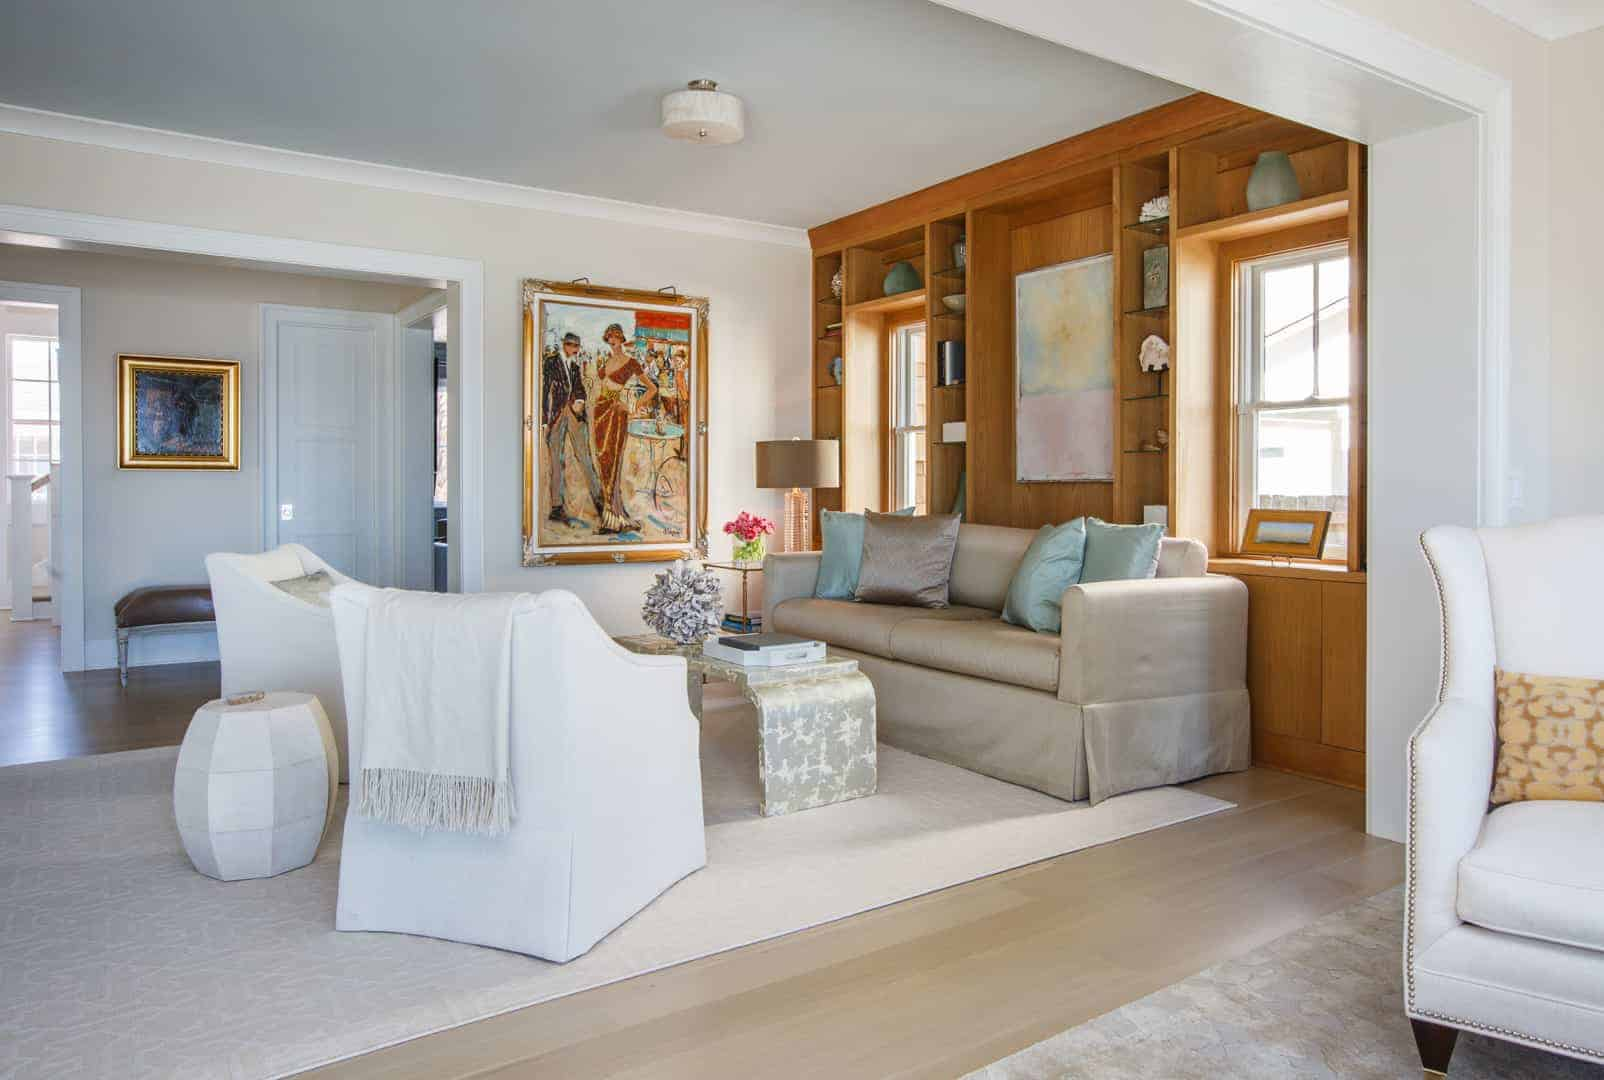 Atlantic beach florida gem studio m interior design - Interior decorators jacksonville fl ...